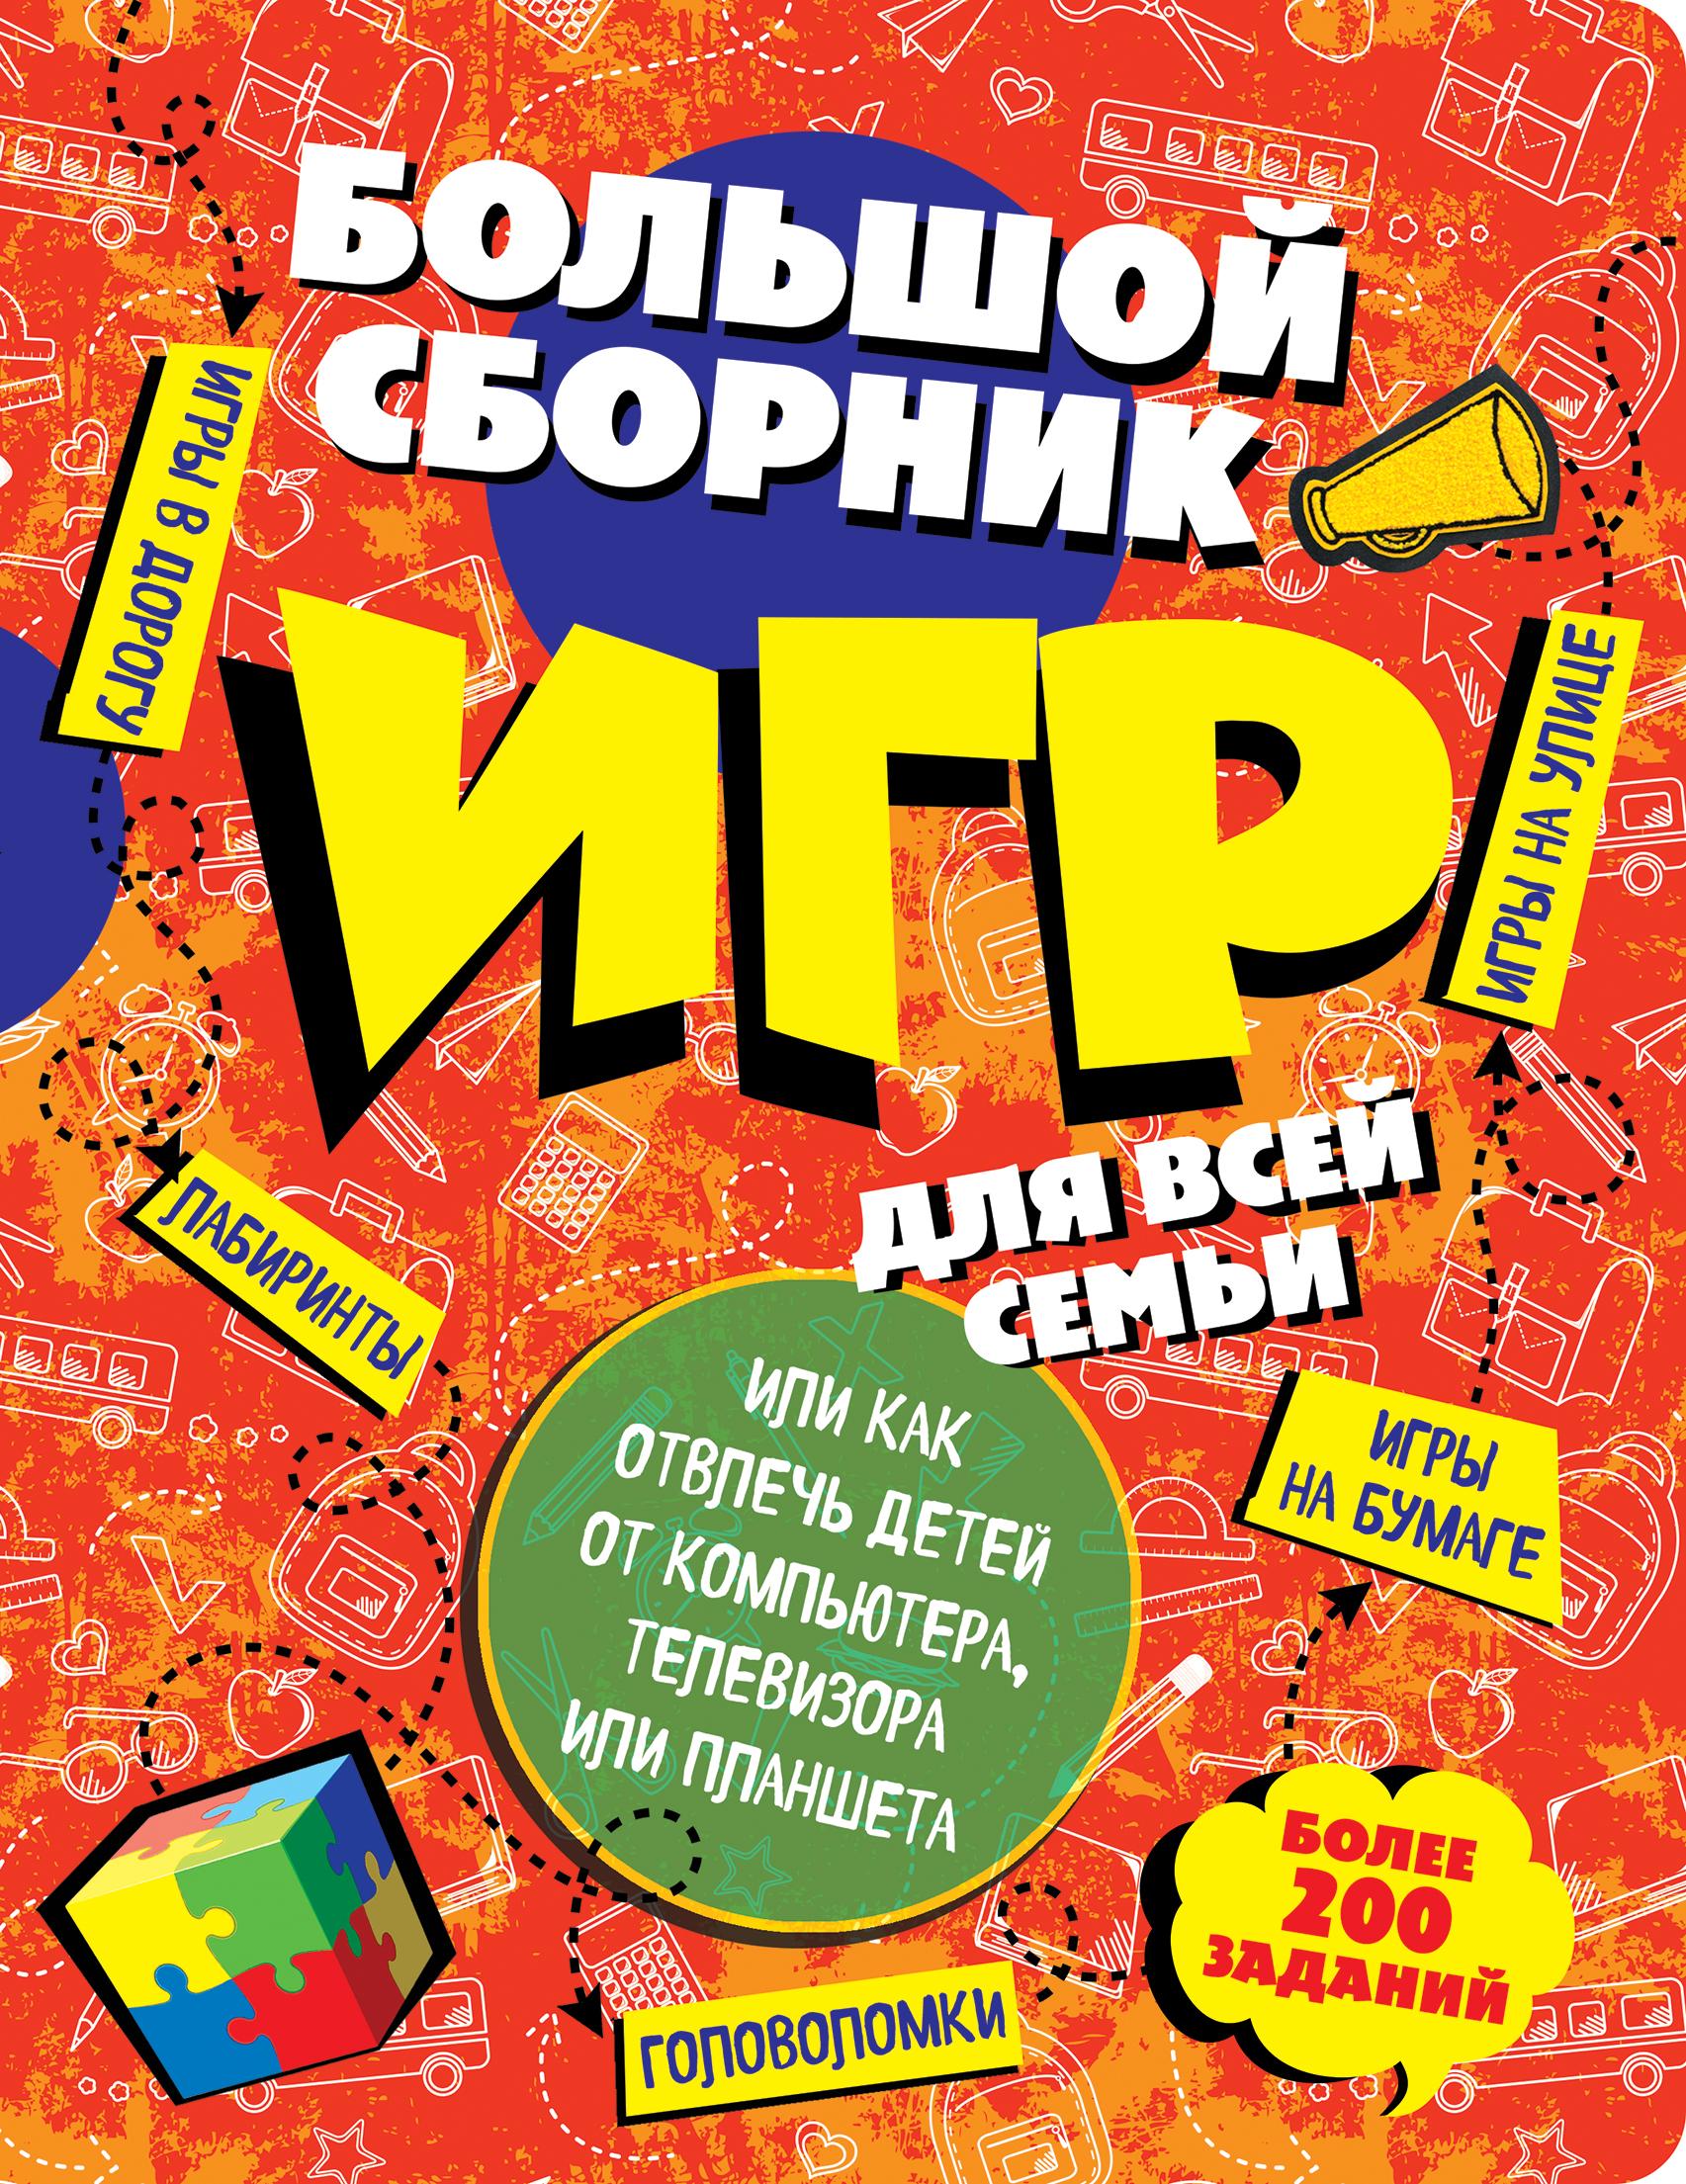 Большой сборник игр для всей семьи, или как отвлечь детей от компьютера, телевизора или планшета